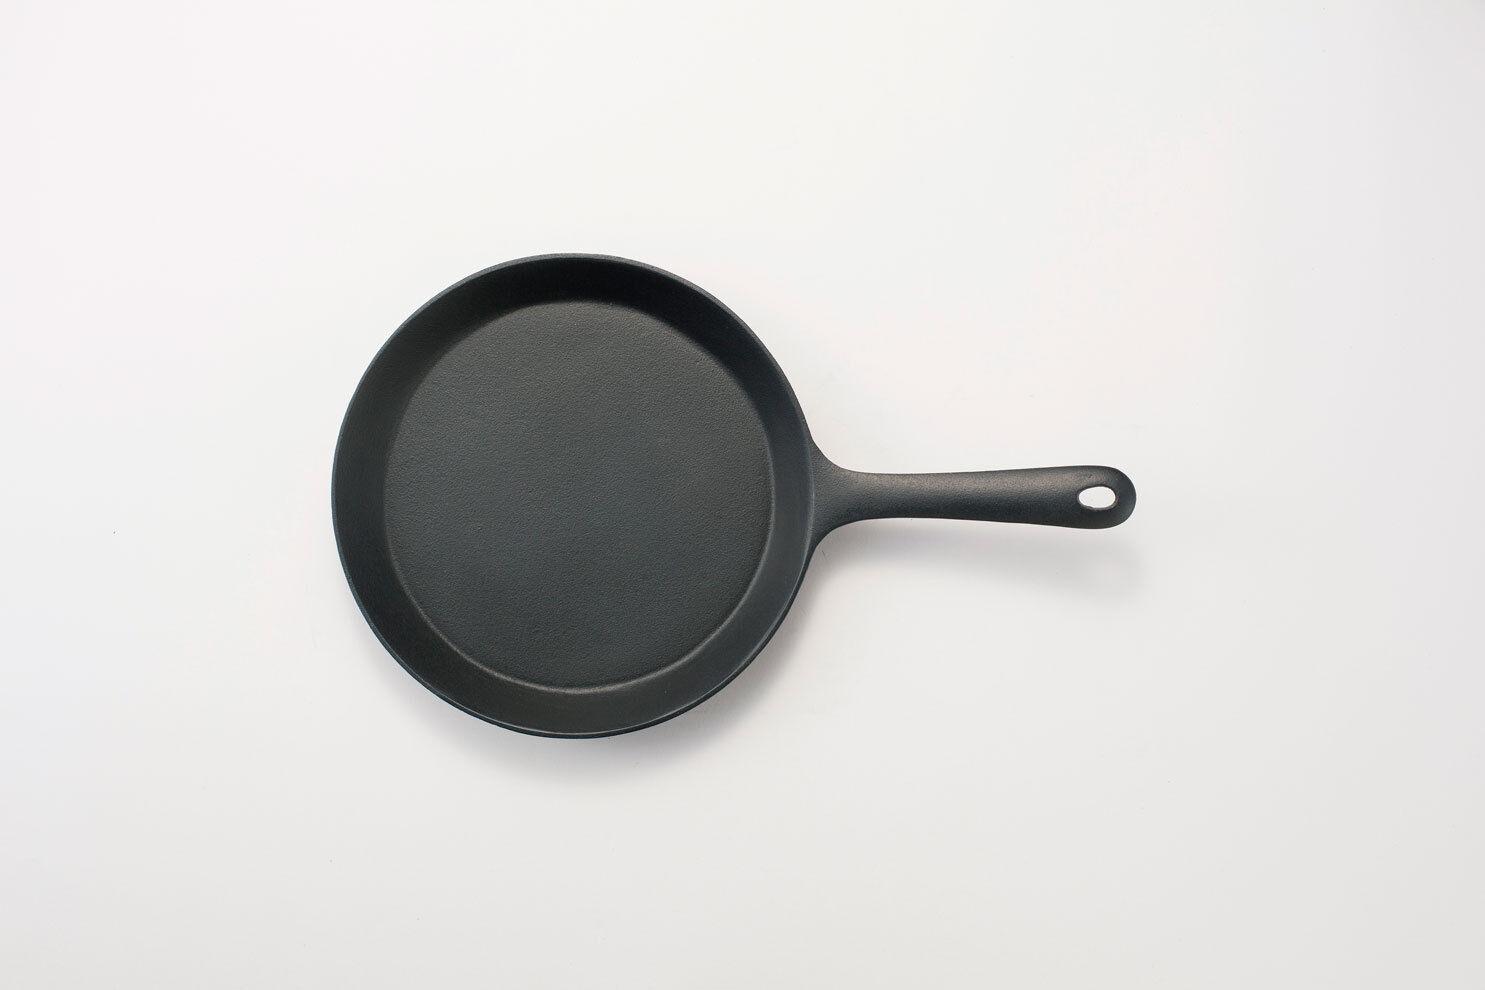 Iwachu famille Poêle à frire 9.4 in (environ 23.88 cm) (couleur noire) Japan EMS